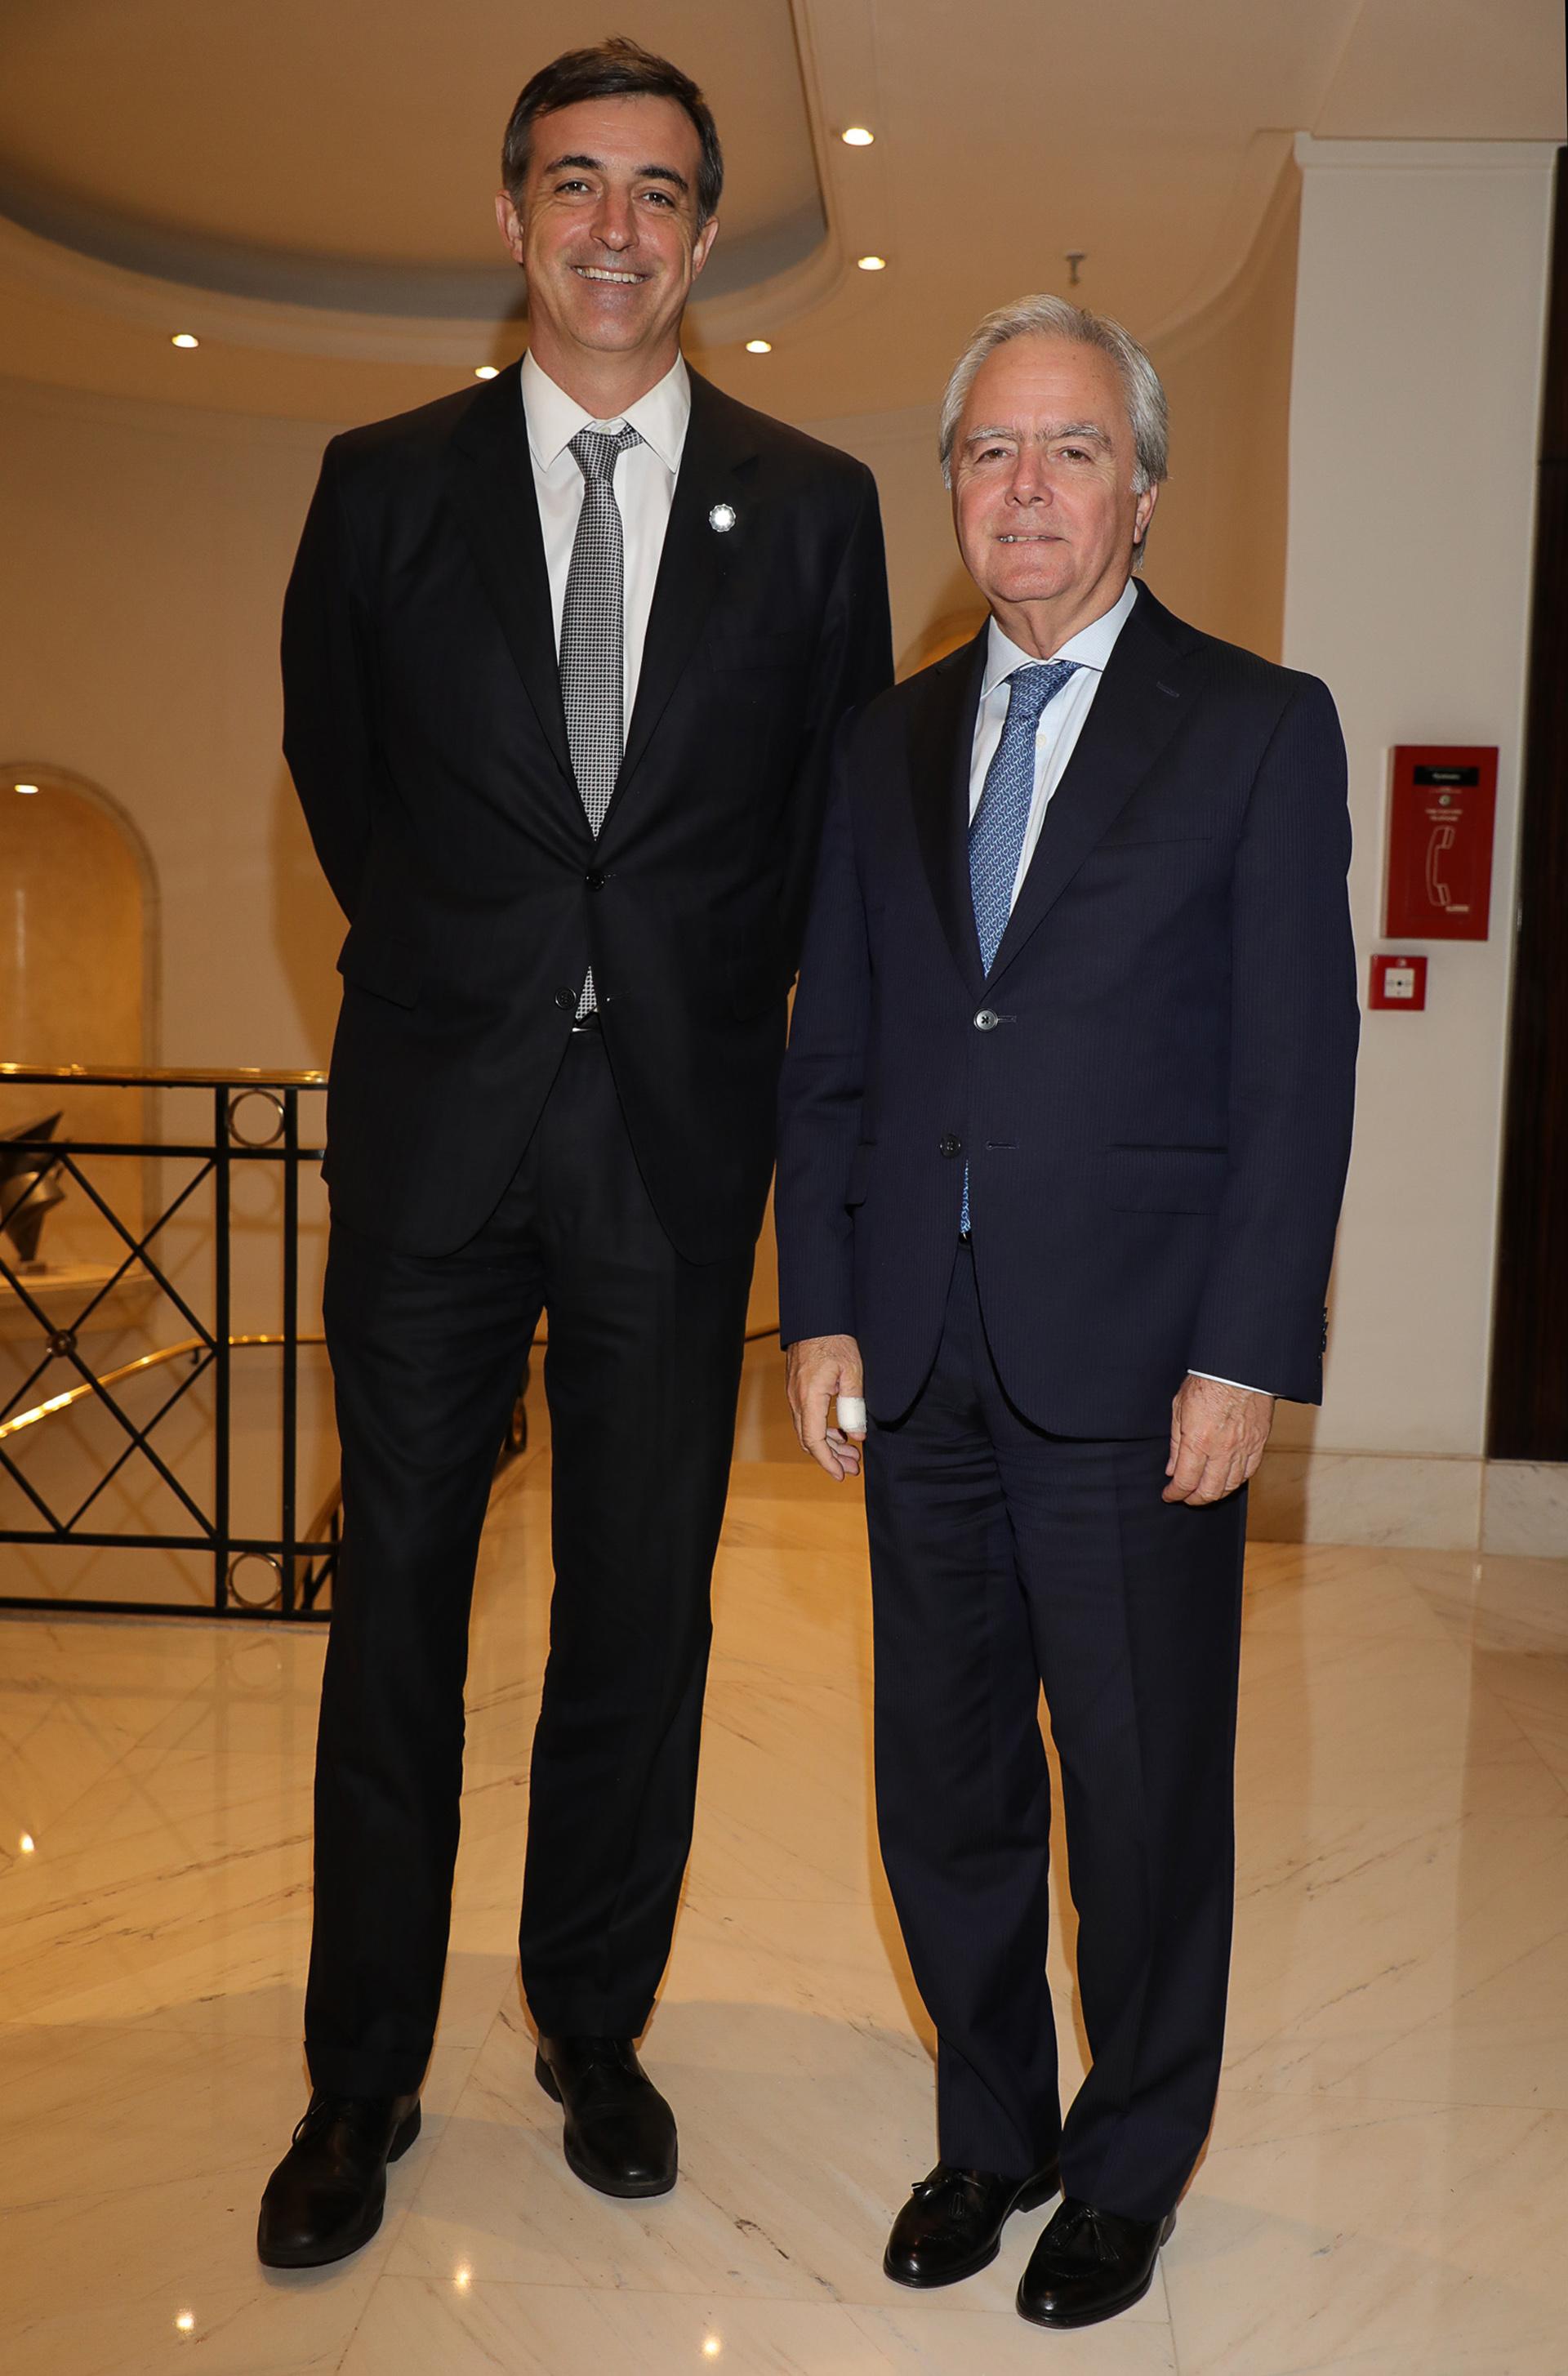 Los senadores Esteban Bullrich y Federico Pinedo